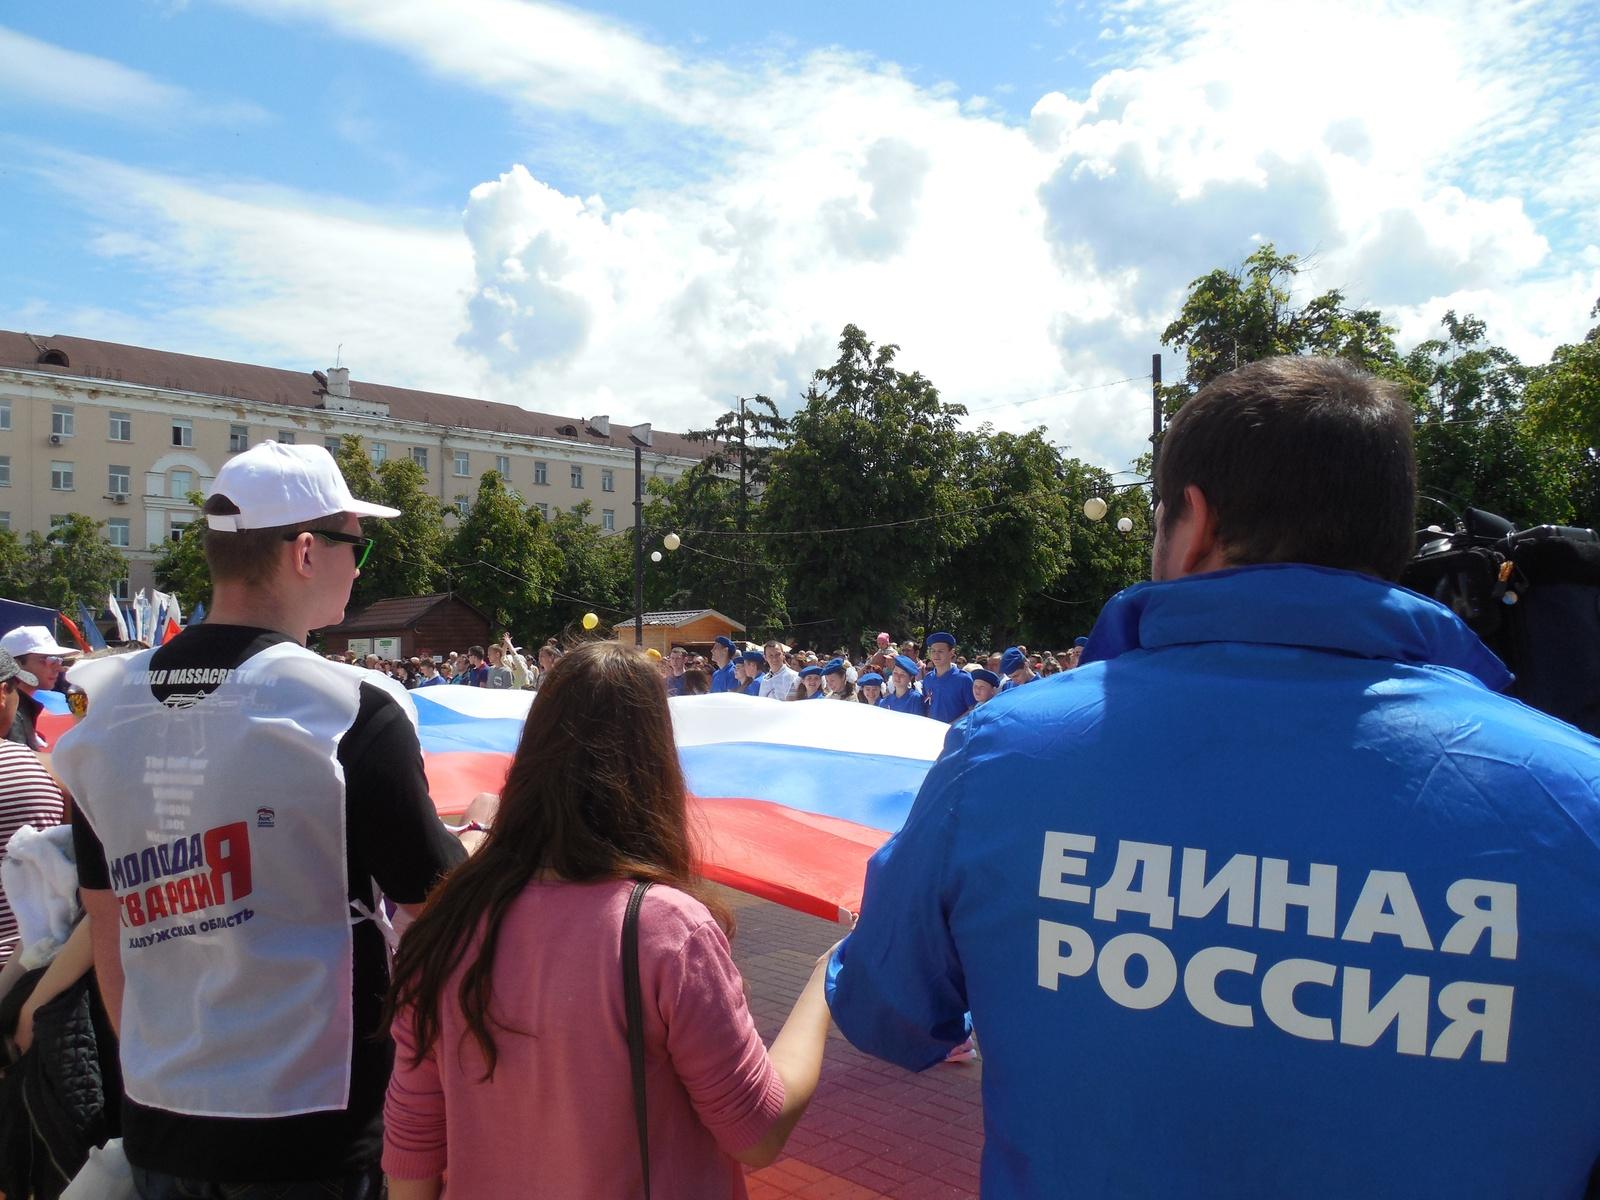 Единая Россия и Молодая Гвардия правящей партии отвернулись от простого народа России. Фото из официального сайта партии Единая Россия